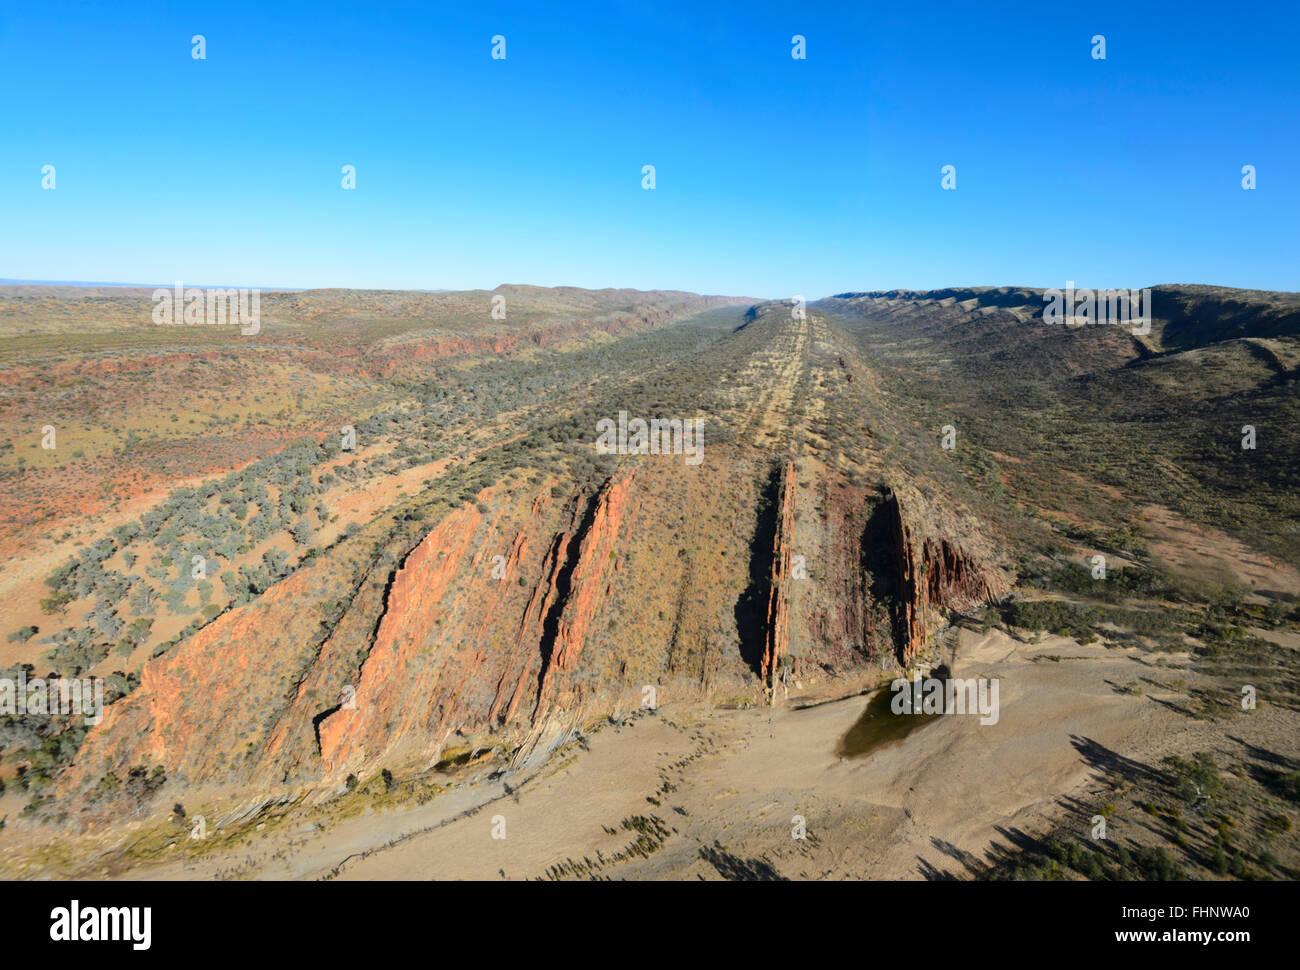 Luftaufnahme der West MacDonnell Ranges, Northern Territory, Australien Stockbild